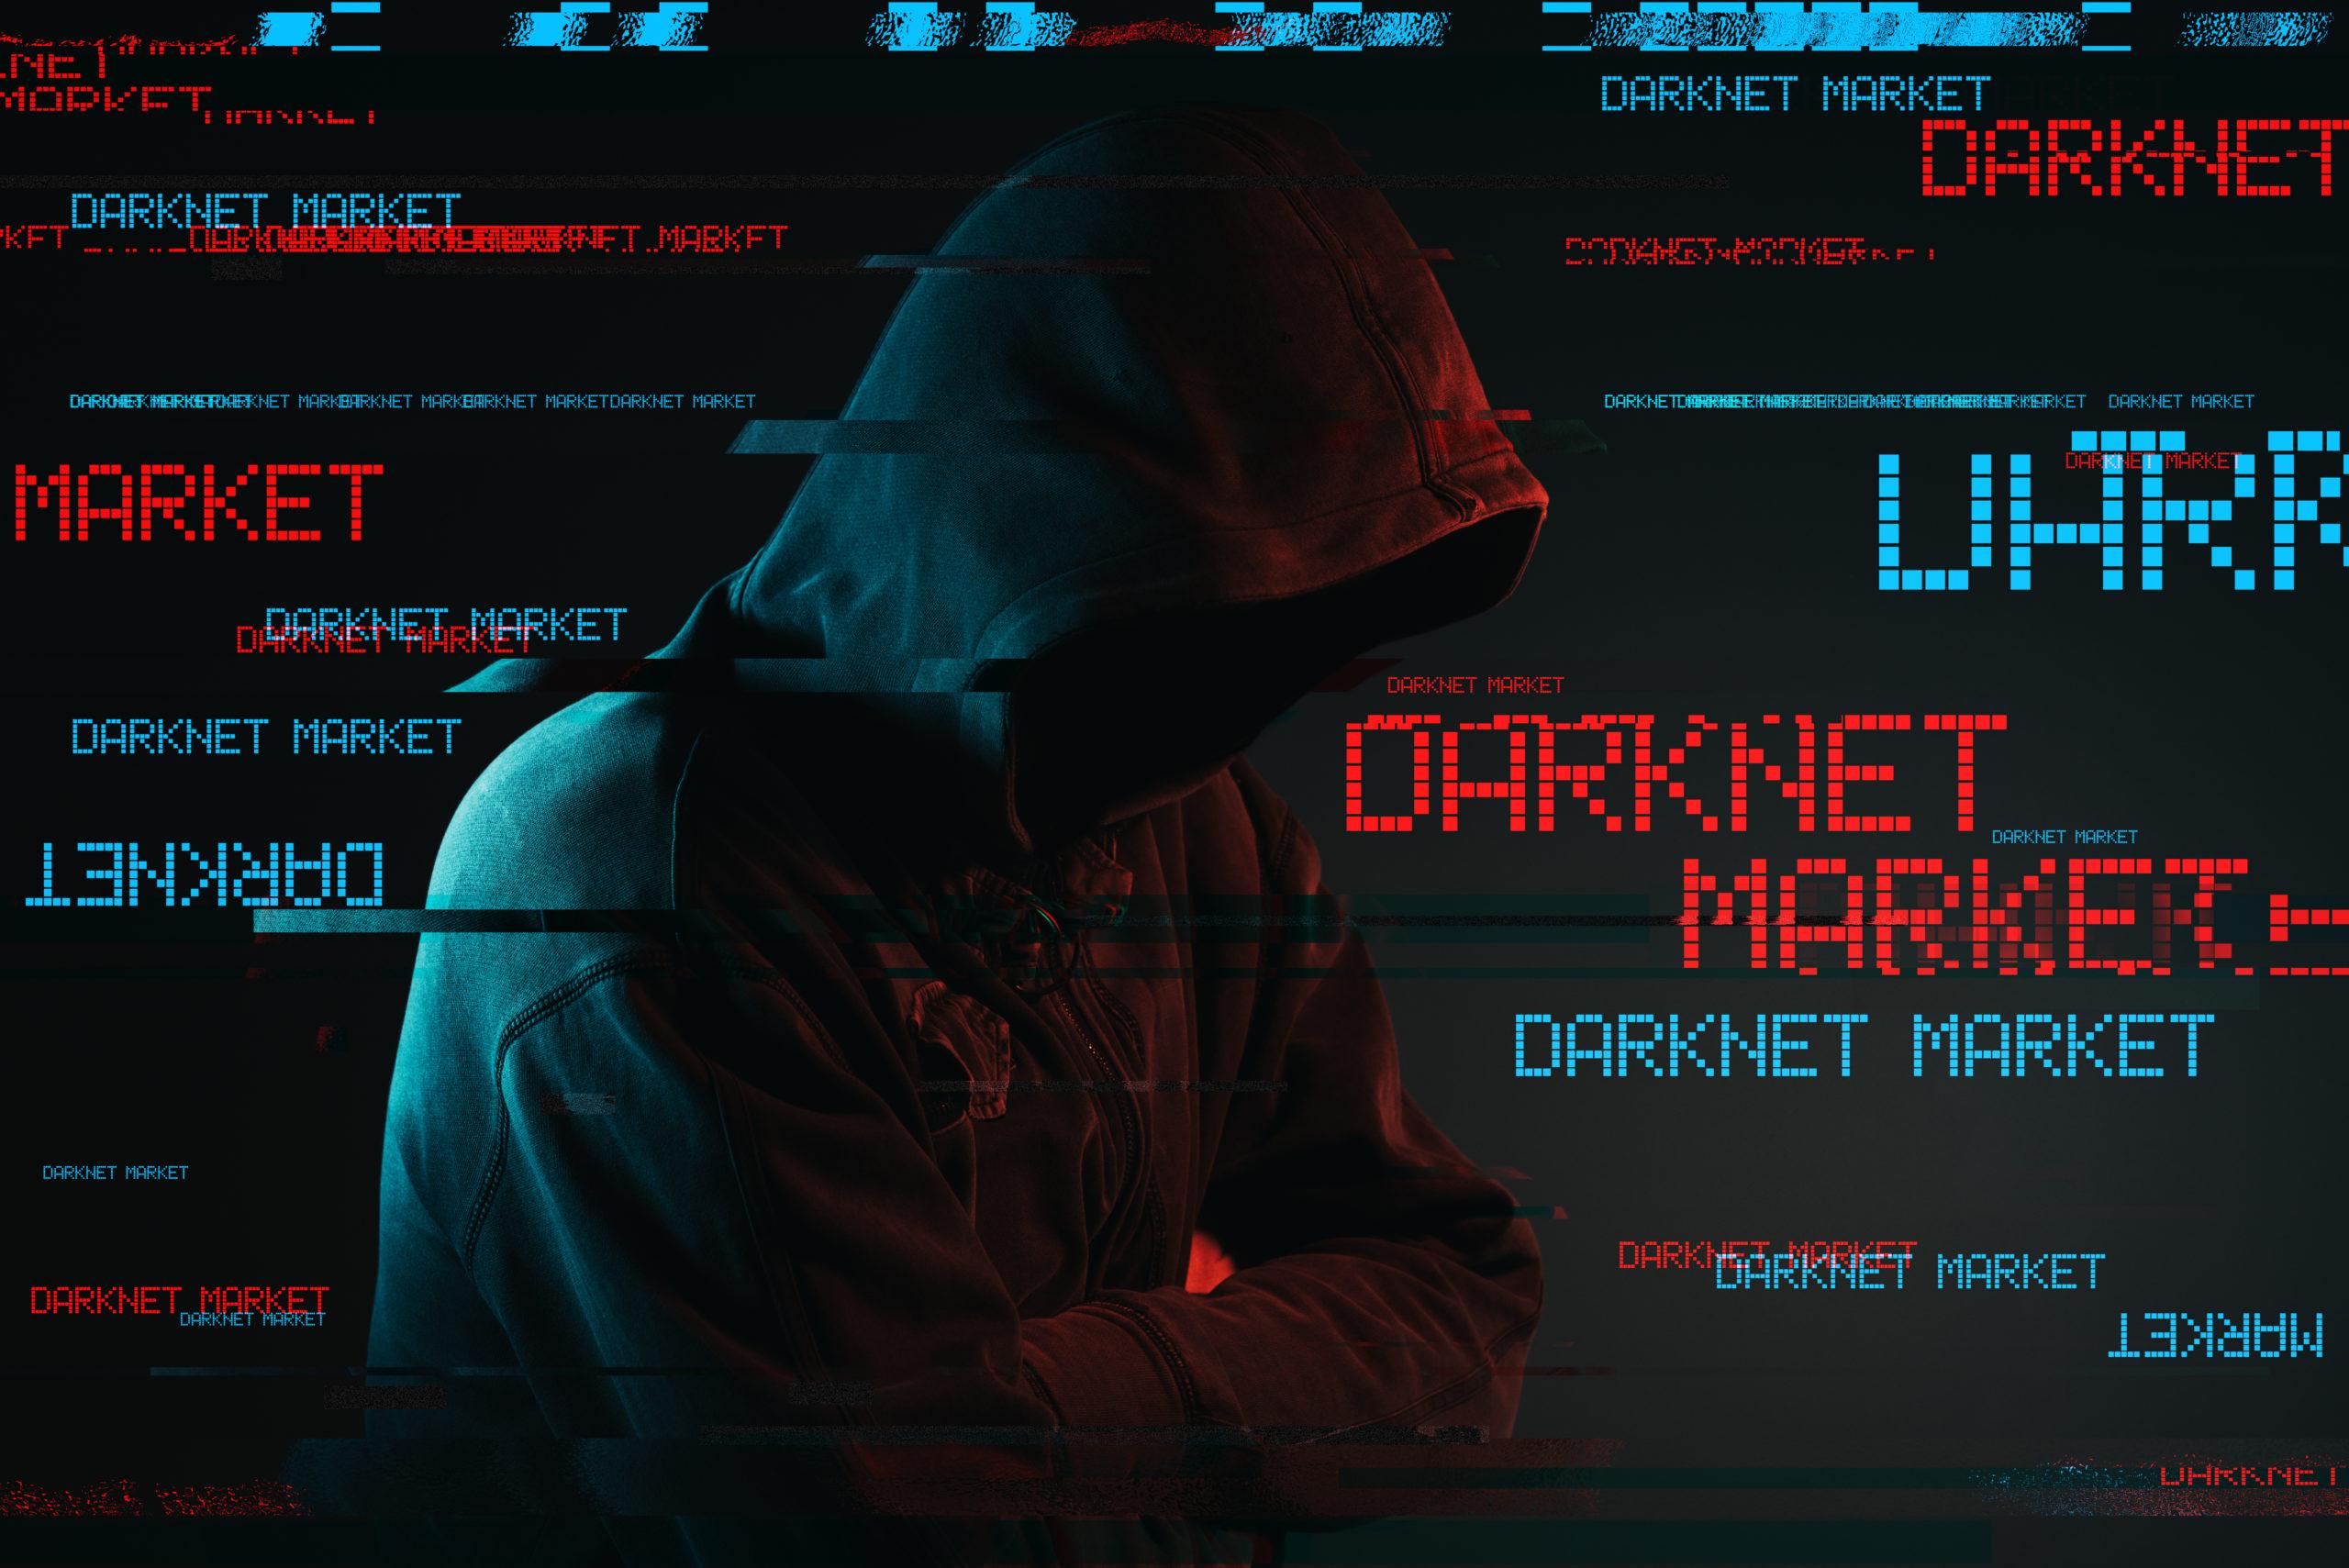 """Schritt für Schritt: """"Wie komme ich ins Darknet? - TecPol"""